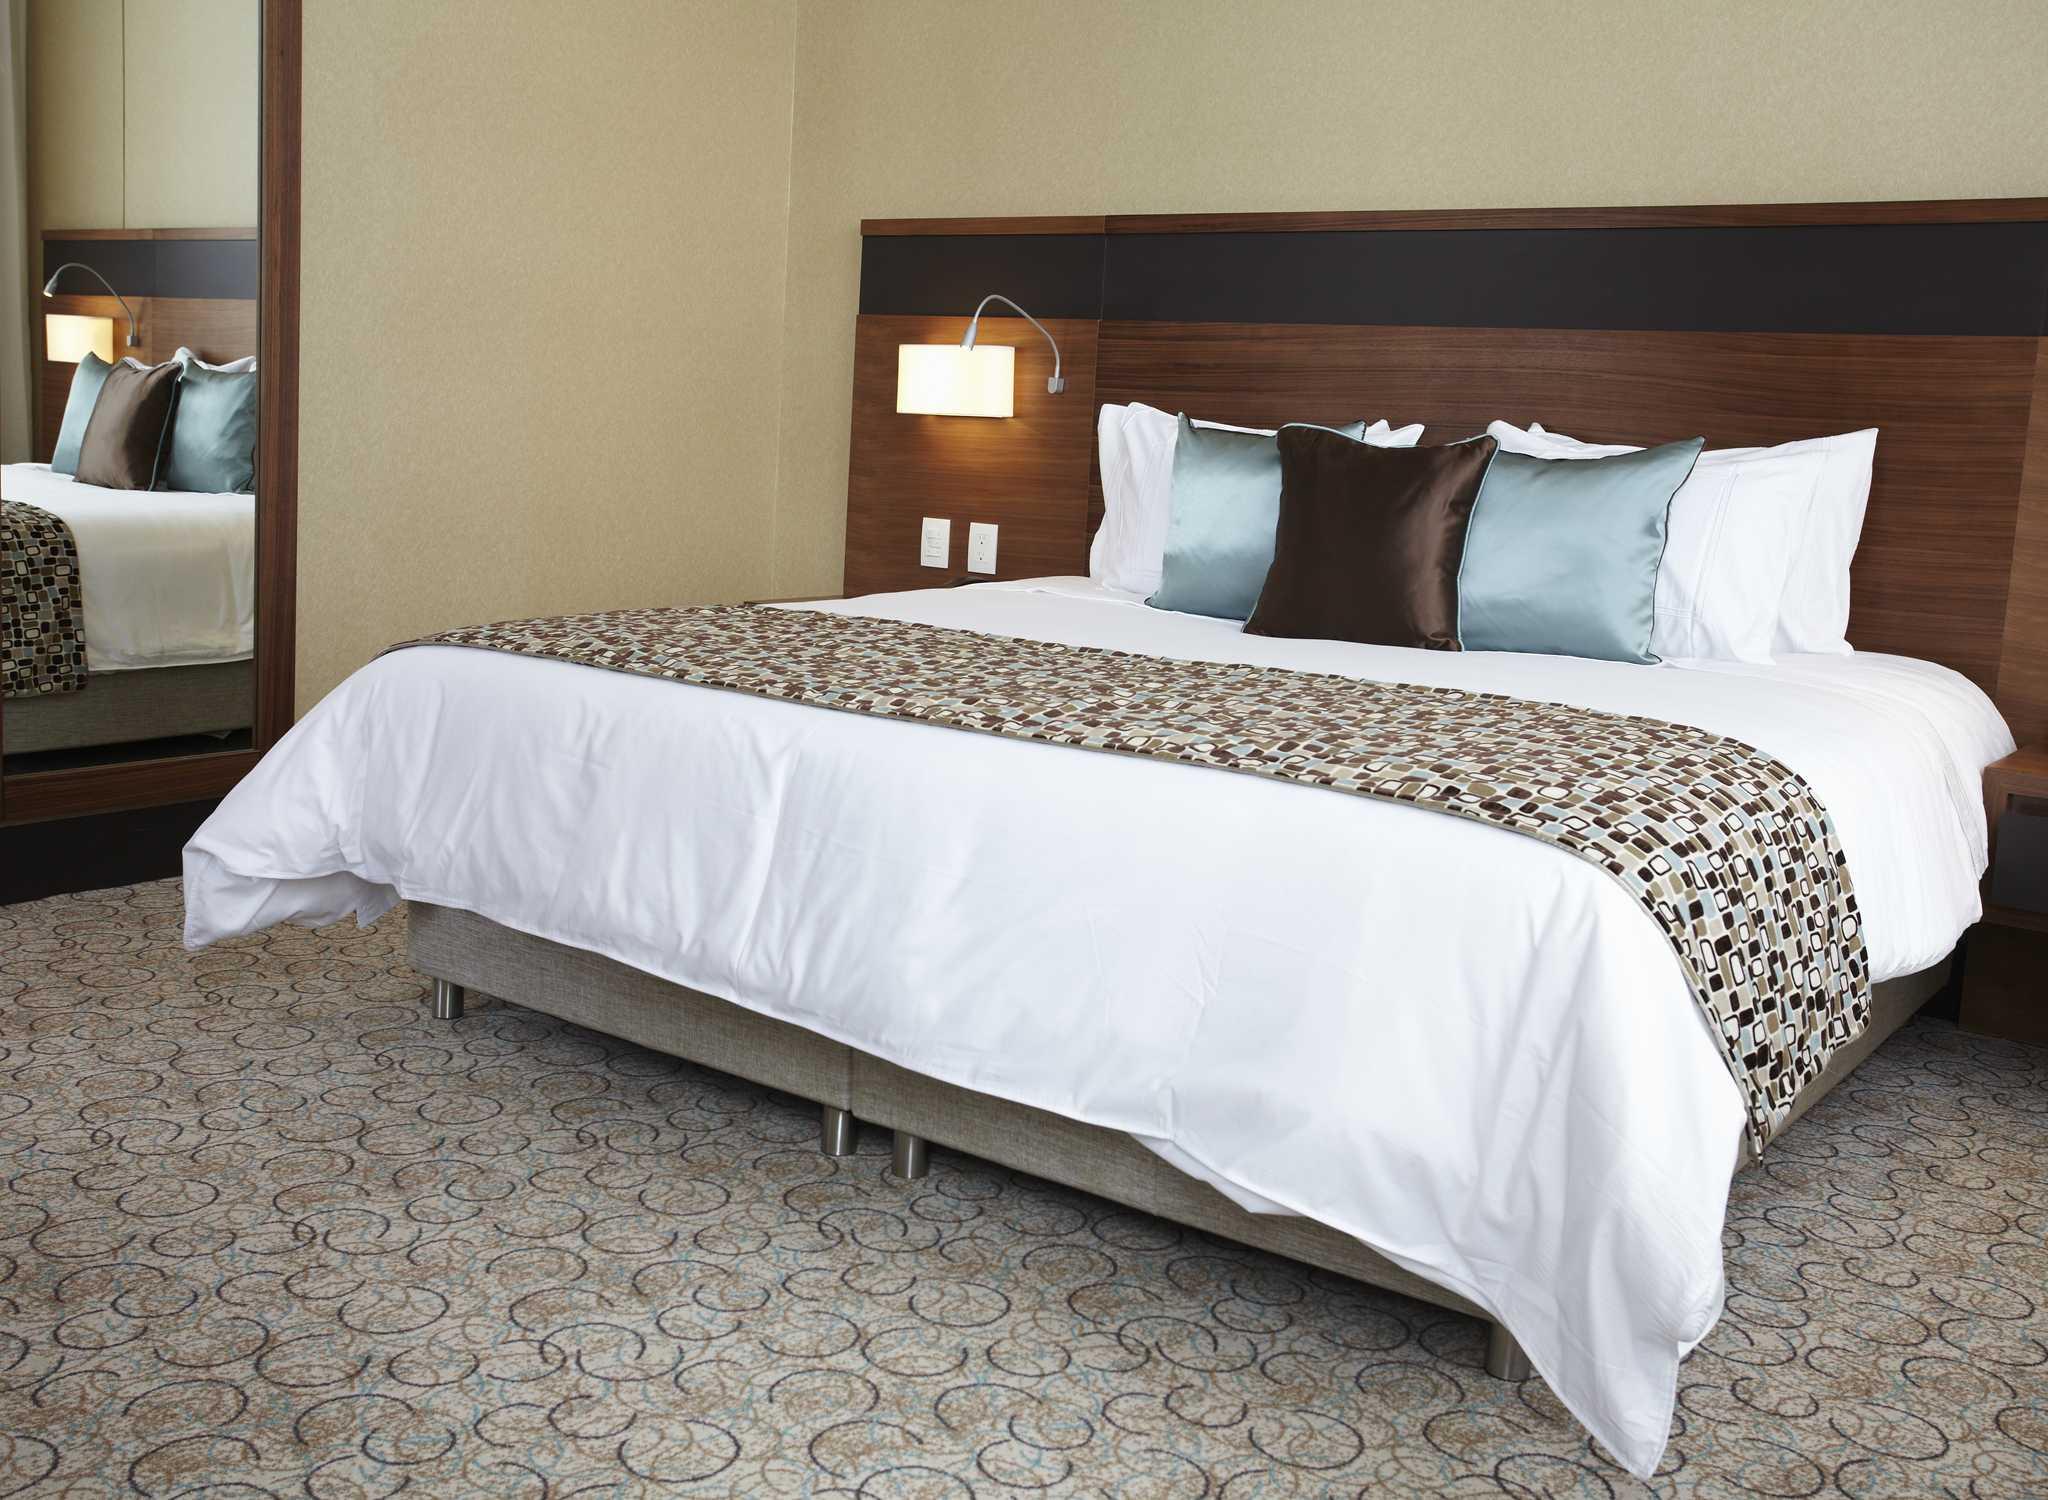 Hotel doubletree hilton bogot parque 93 hoteles en bogot - Que cobra una camarera de pisos ...